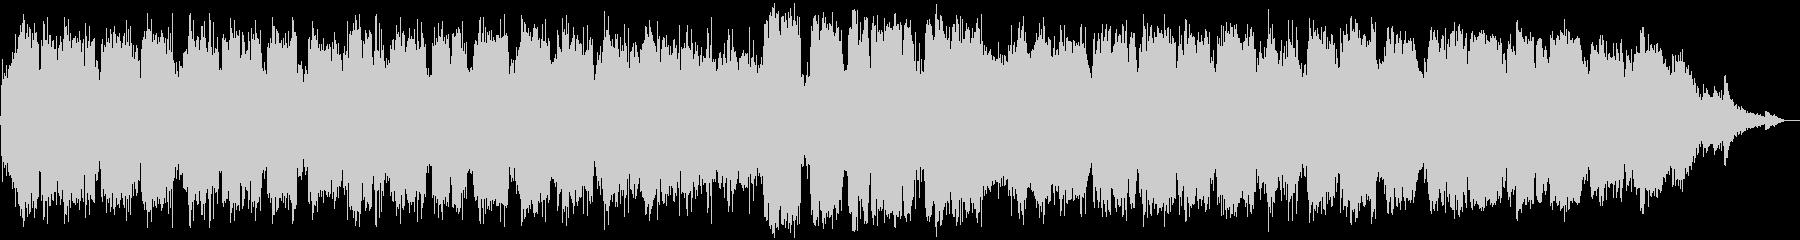 竹笛のヒーリングミュージックの未再生の波形